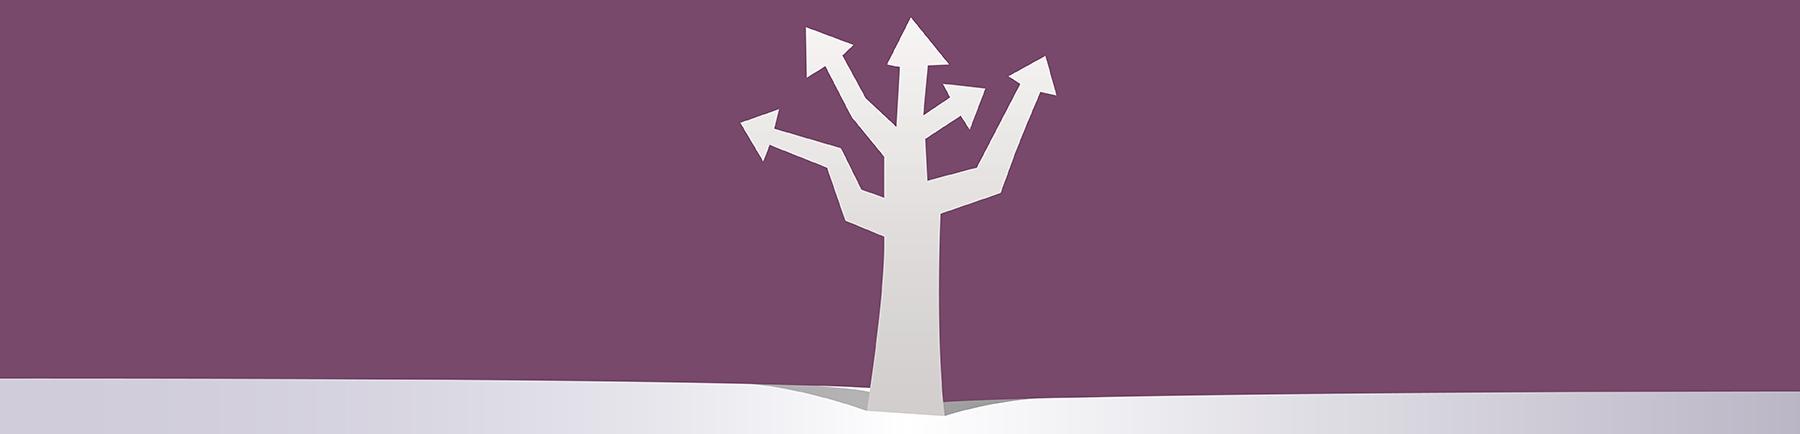 arrowtree_resized